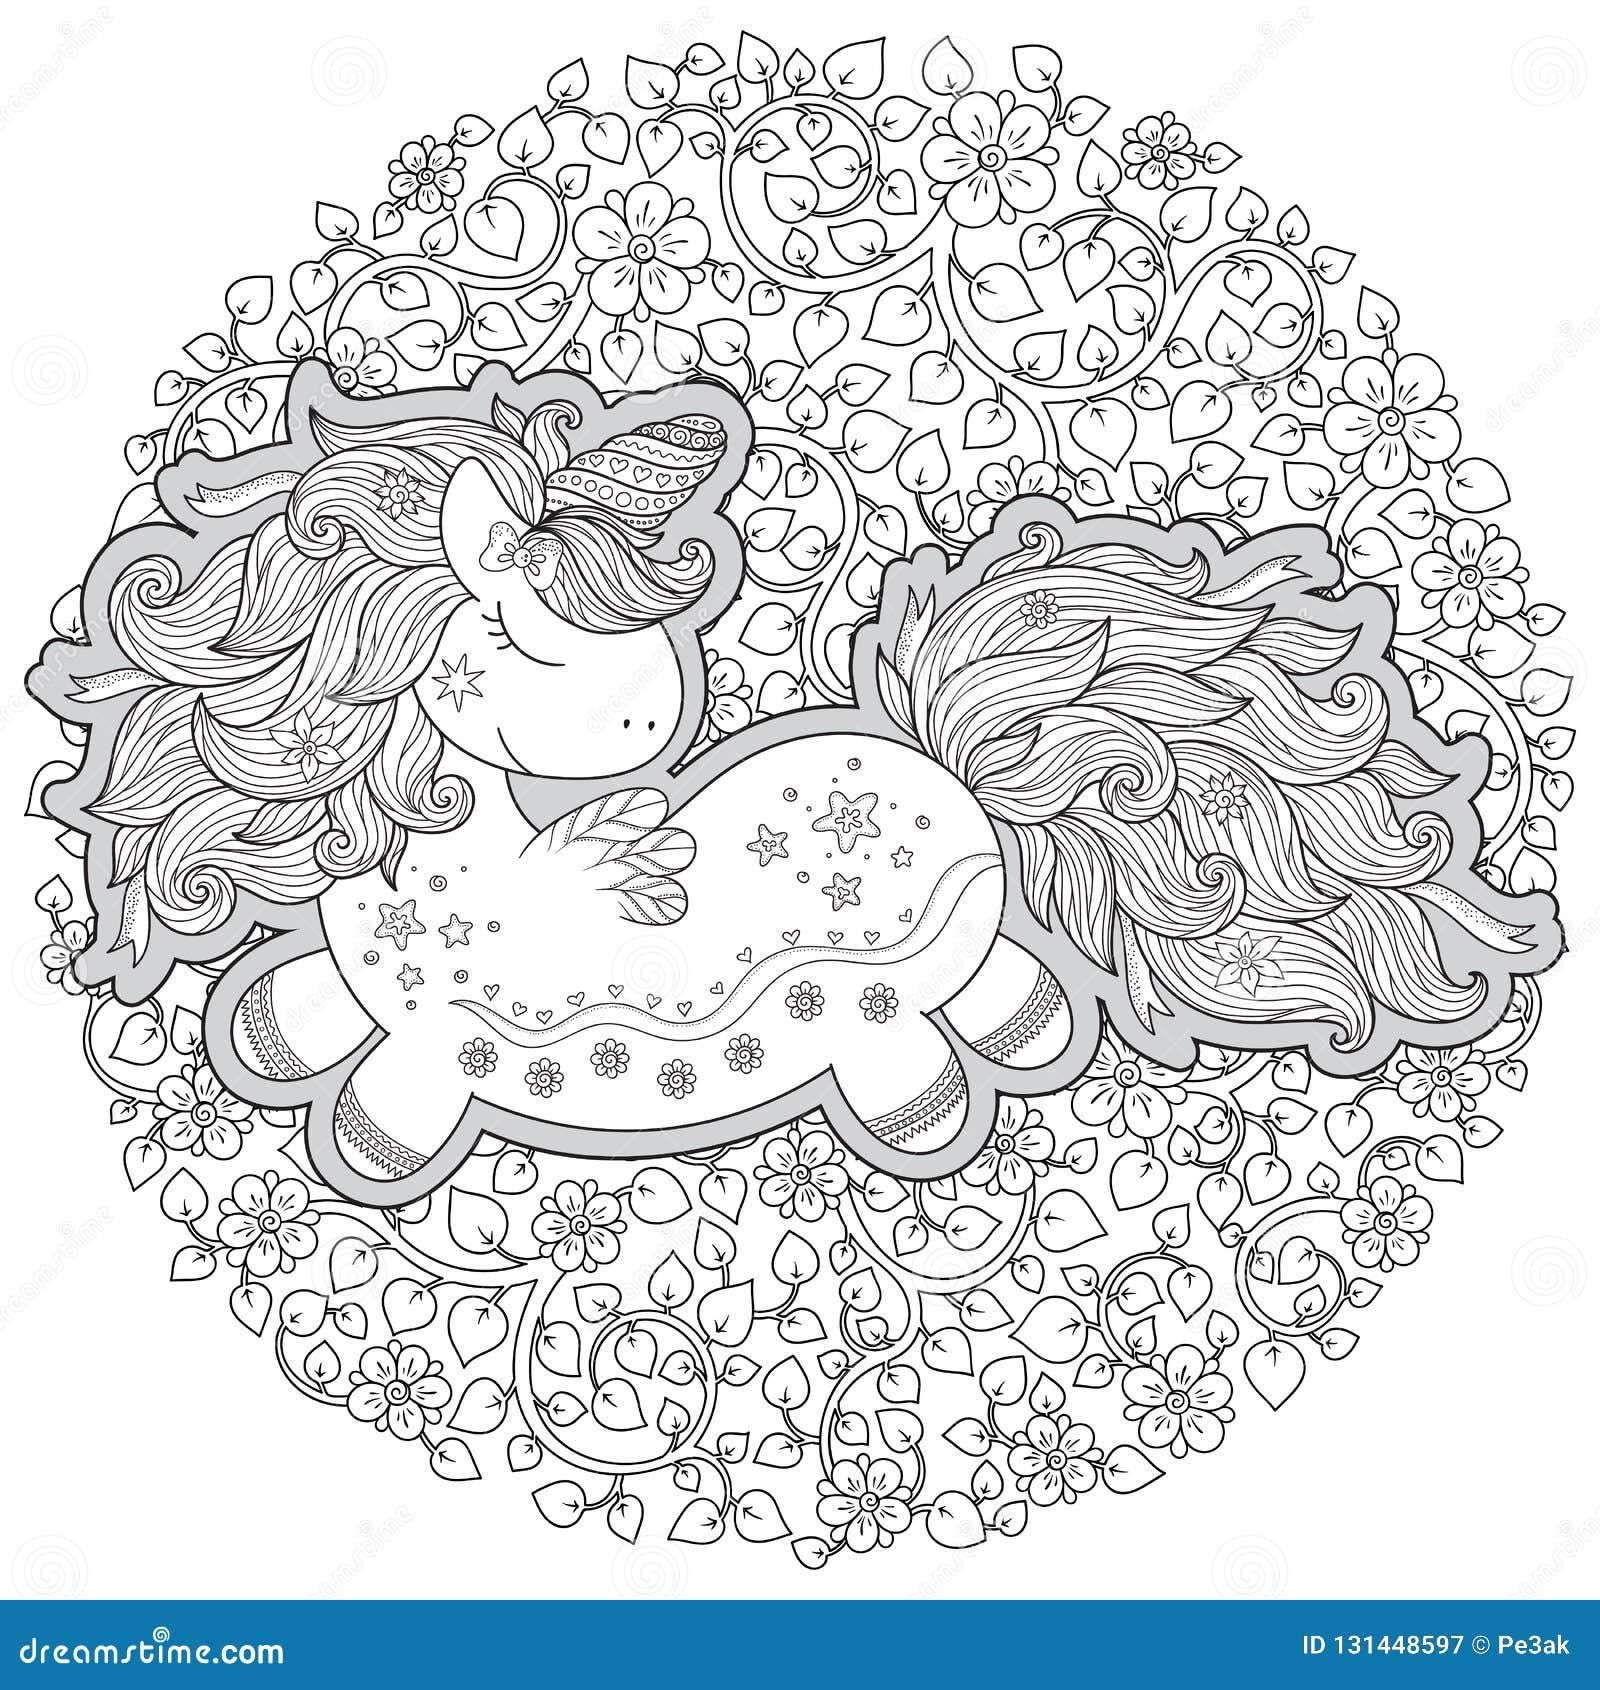 единорог состав состоит из единорога окруженного букетом роз